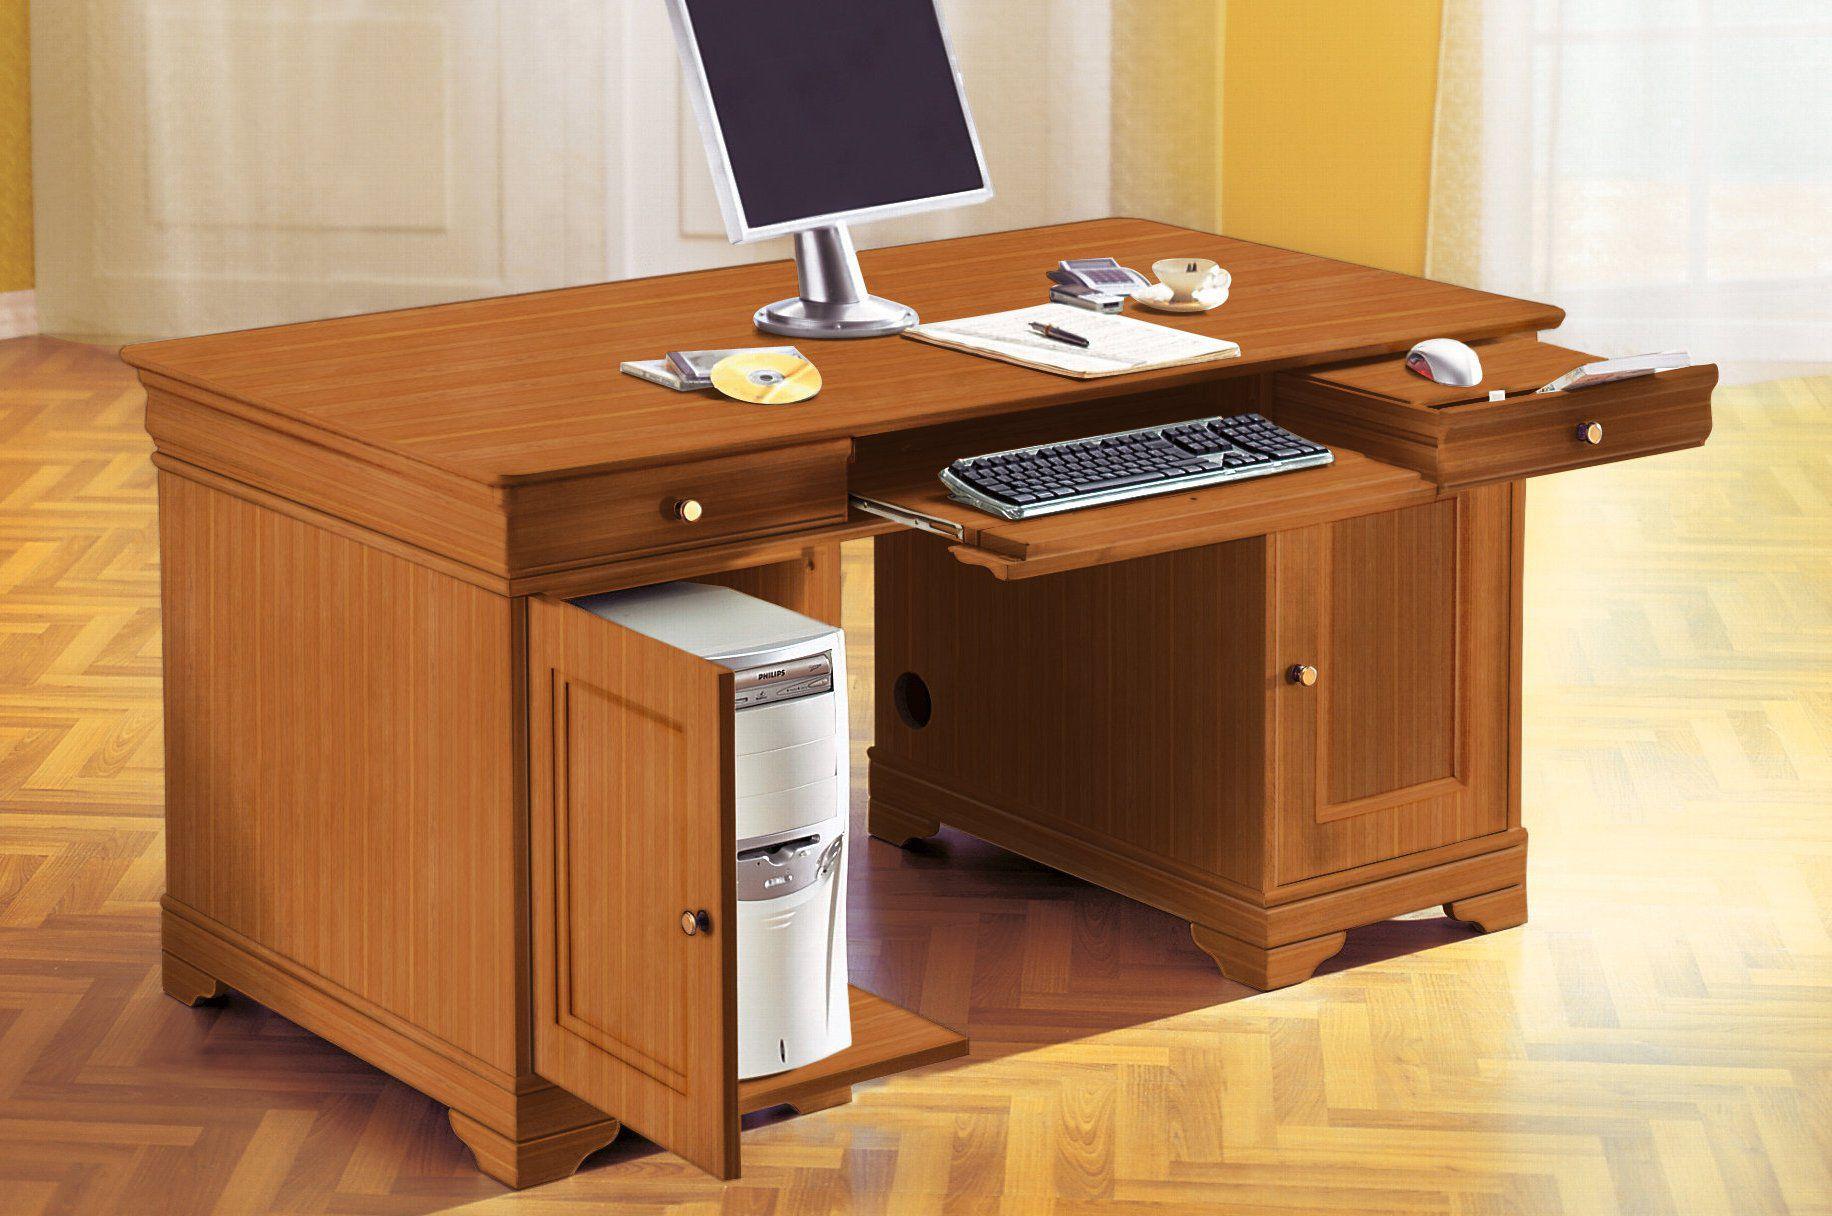 schreibtisch mit pc einteilung heine kirschbaumfarben 316 c1049 ebay. Black Bedroom Furniture Sets. Home Design Ideas